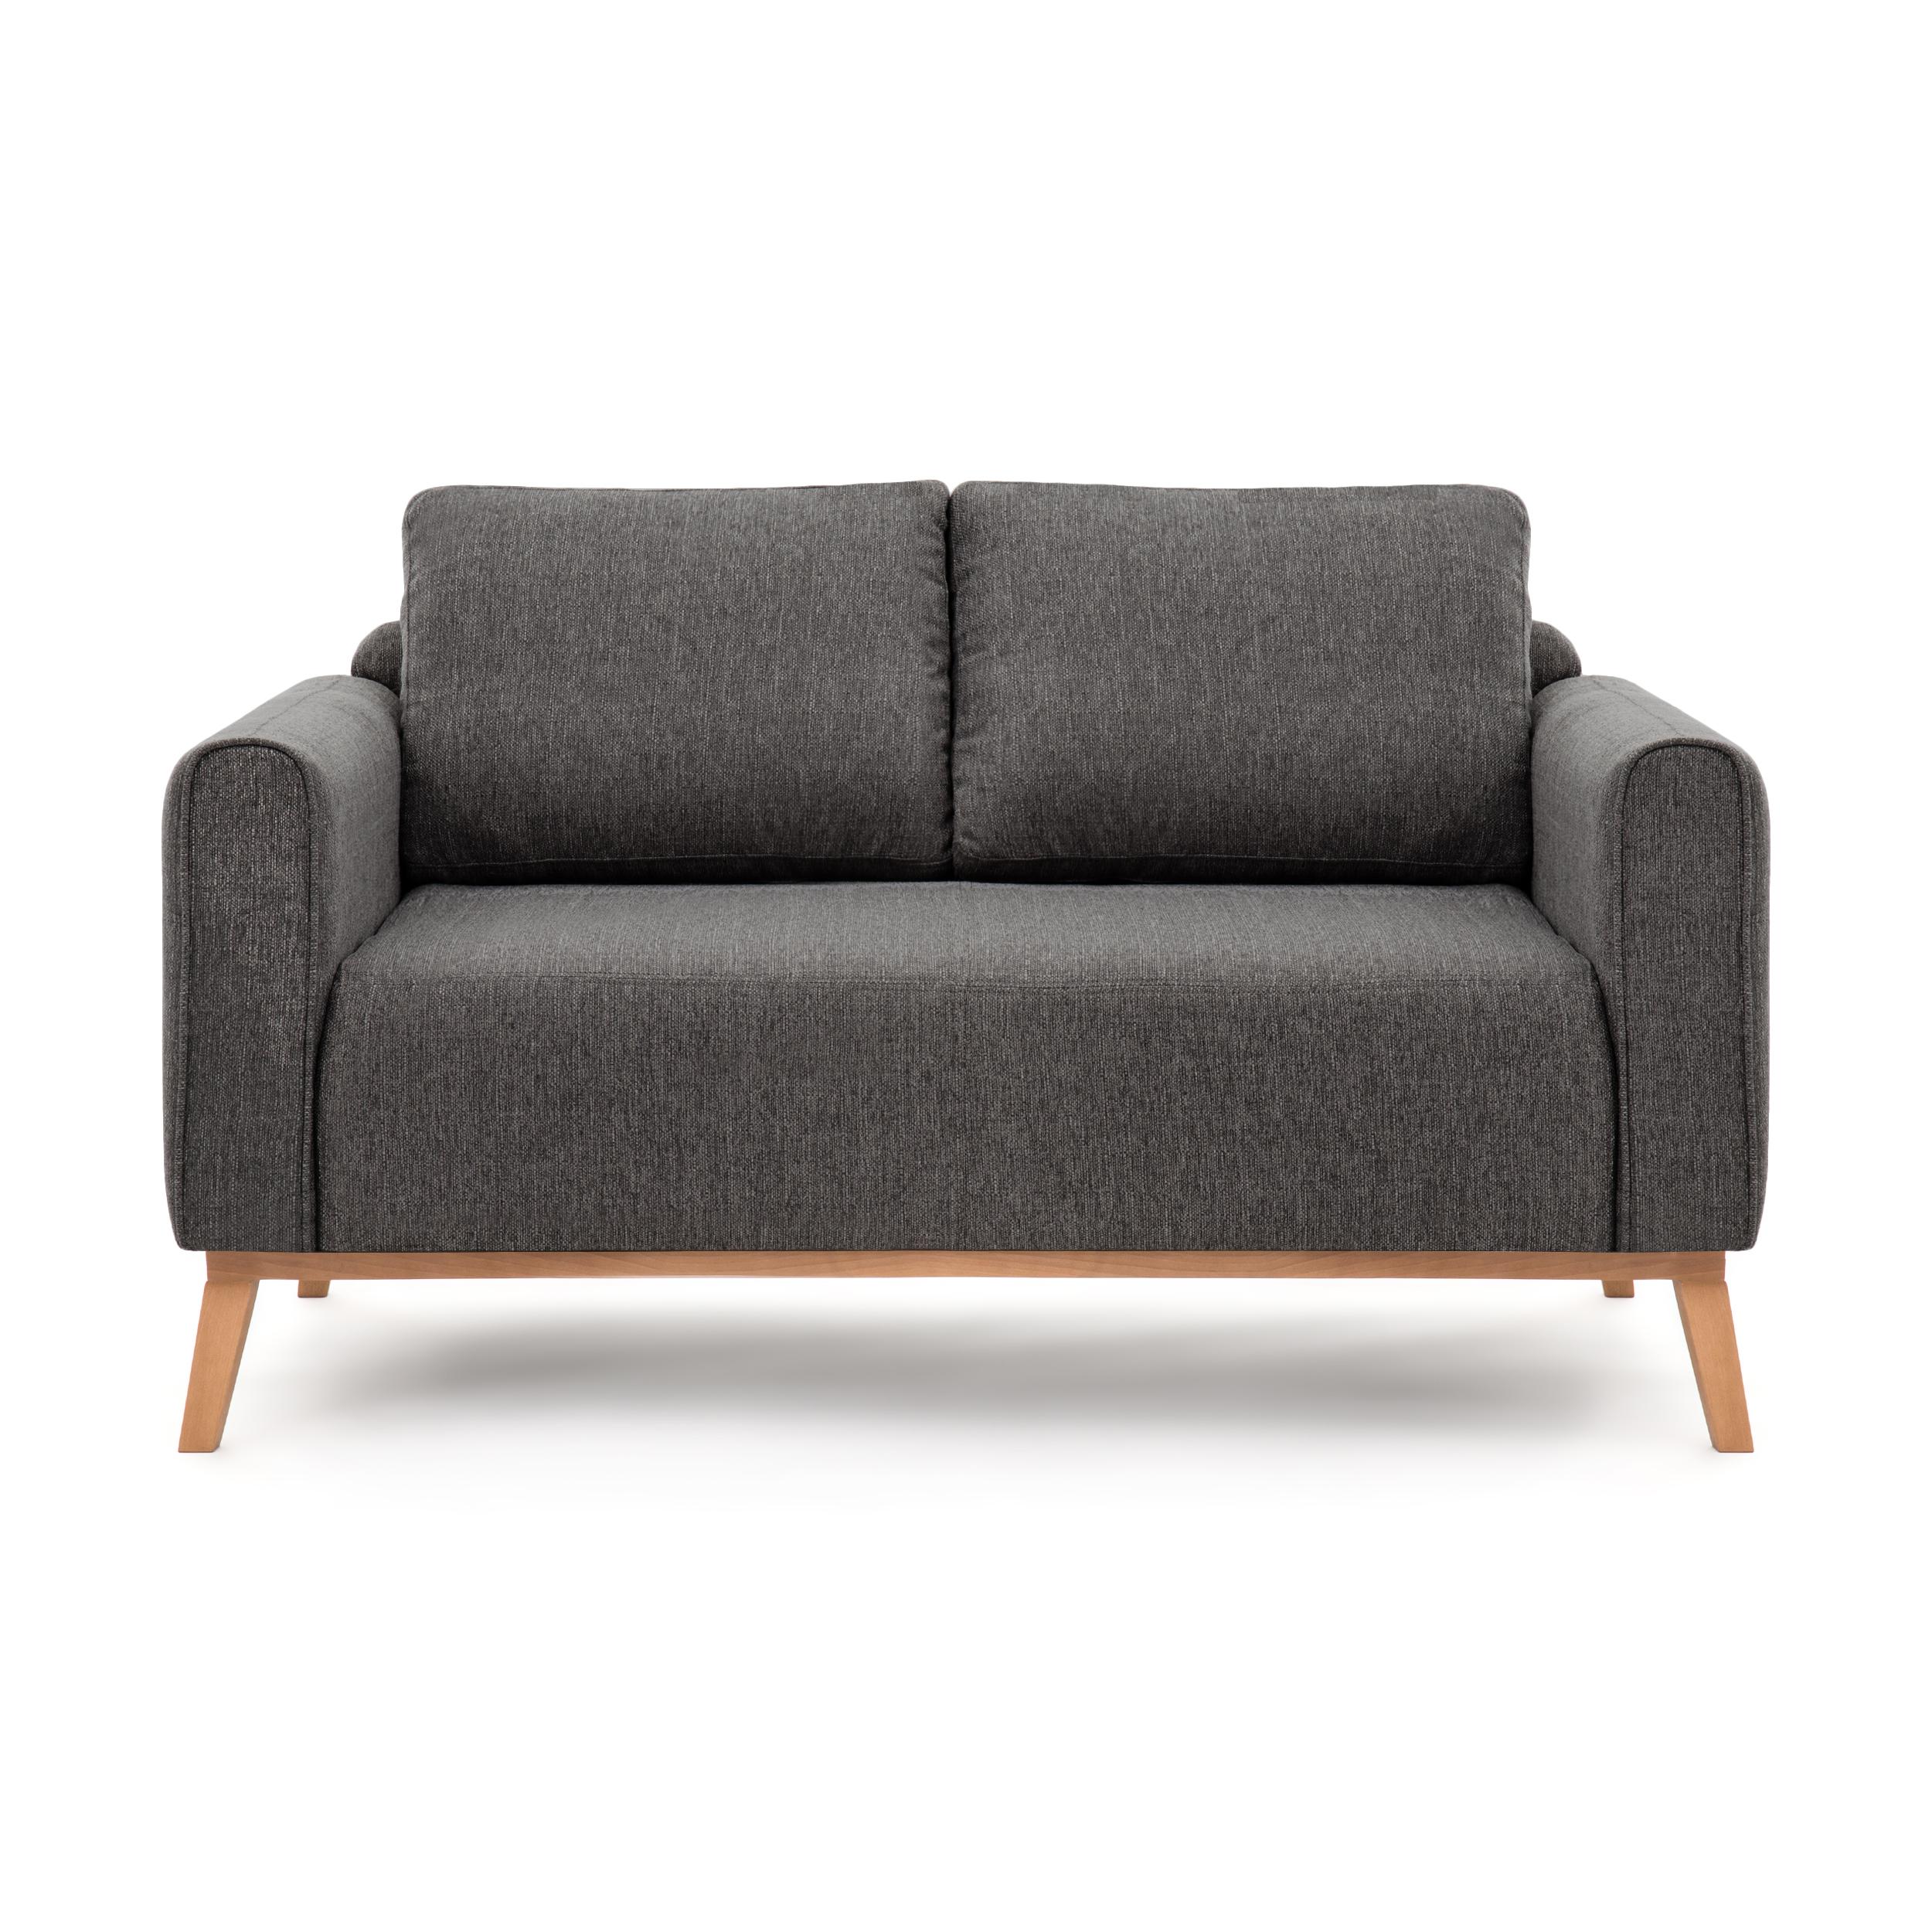 Canapea Fixa 2 locuri Milton Anthracite